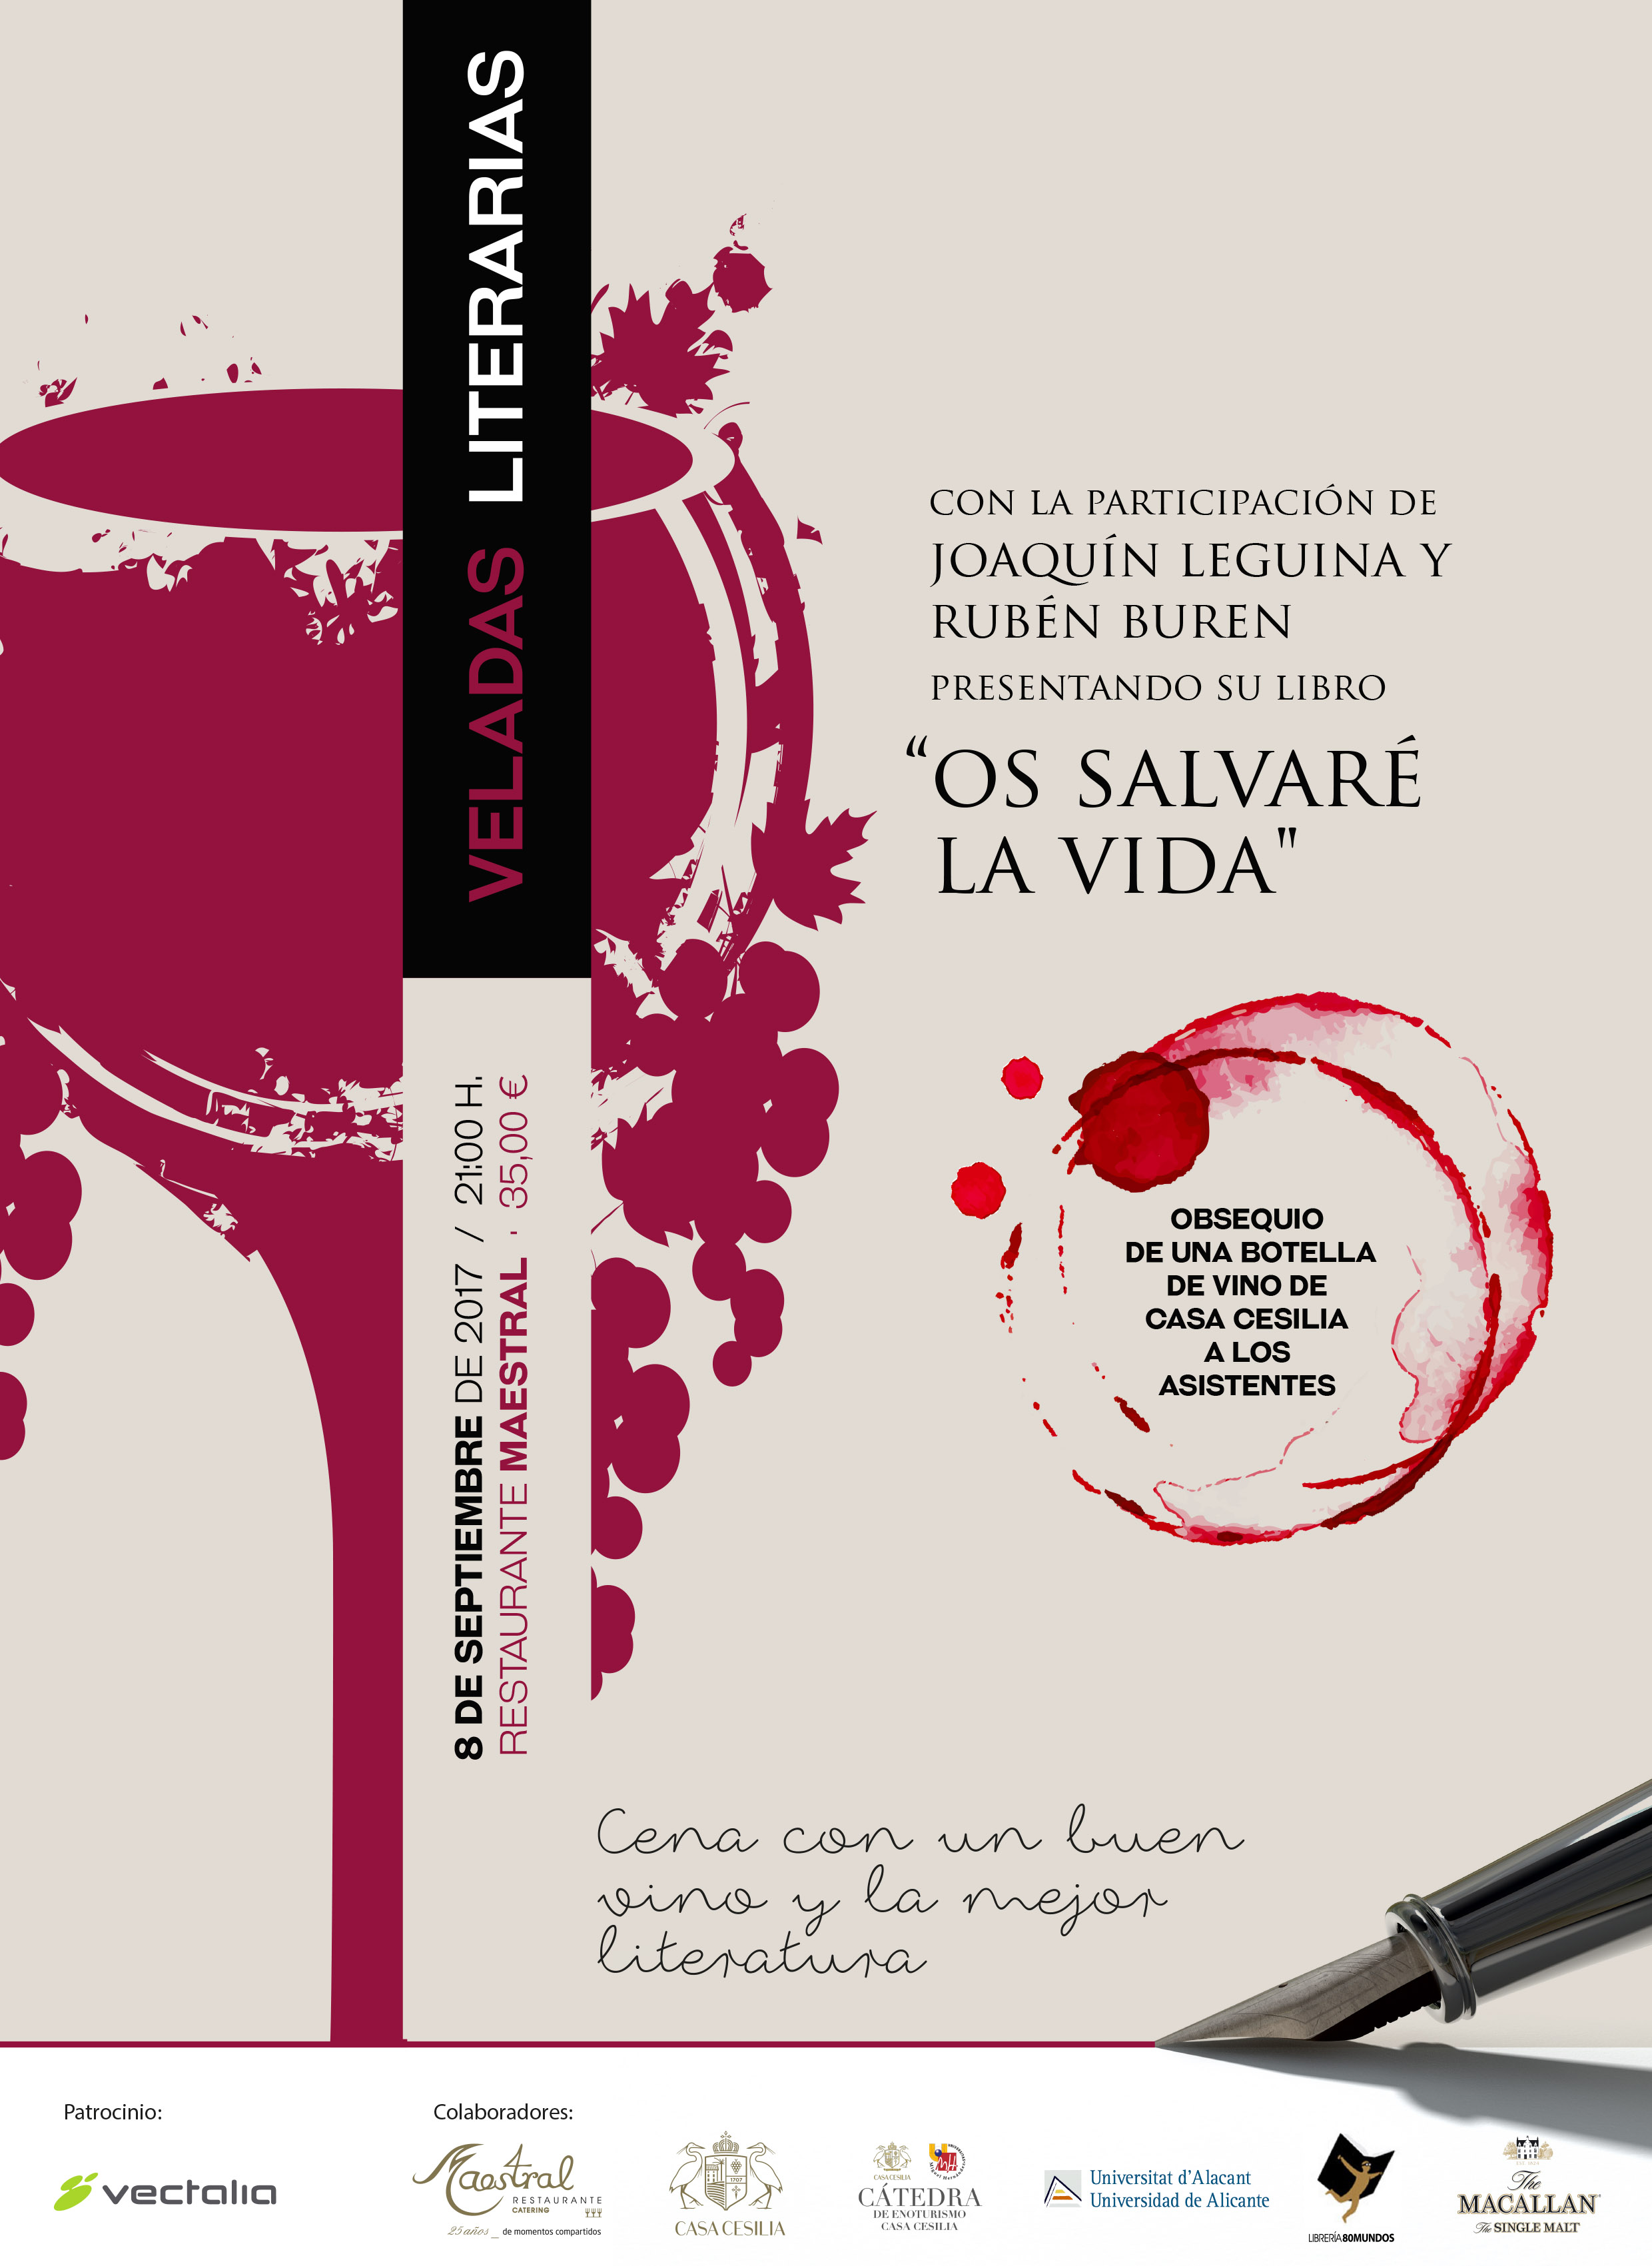 Veladas Literarias con Joaquin Leguina y Rubén Buren